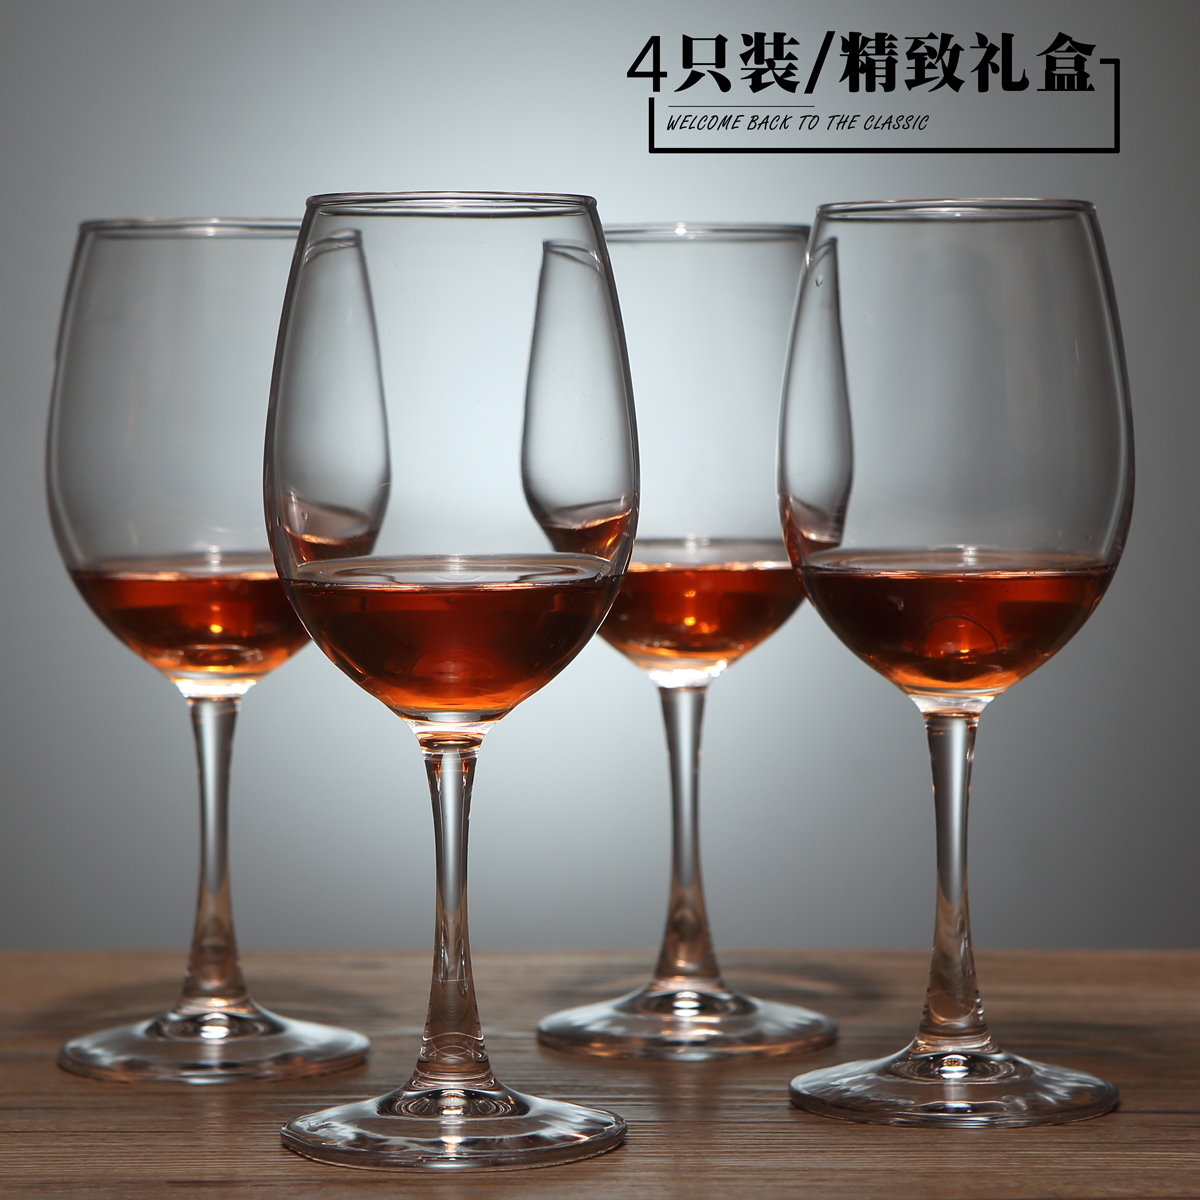 無鉛玻璃紅酒杯 紅白葡萄酒杯香檳杯高腳杯 紅酒杯套裝 包郵